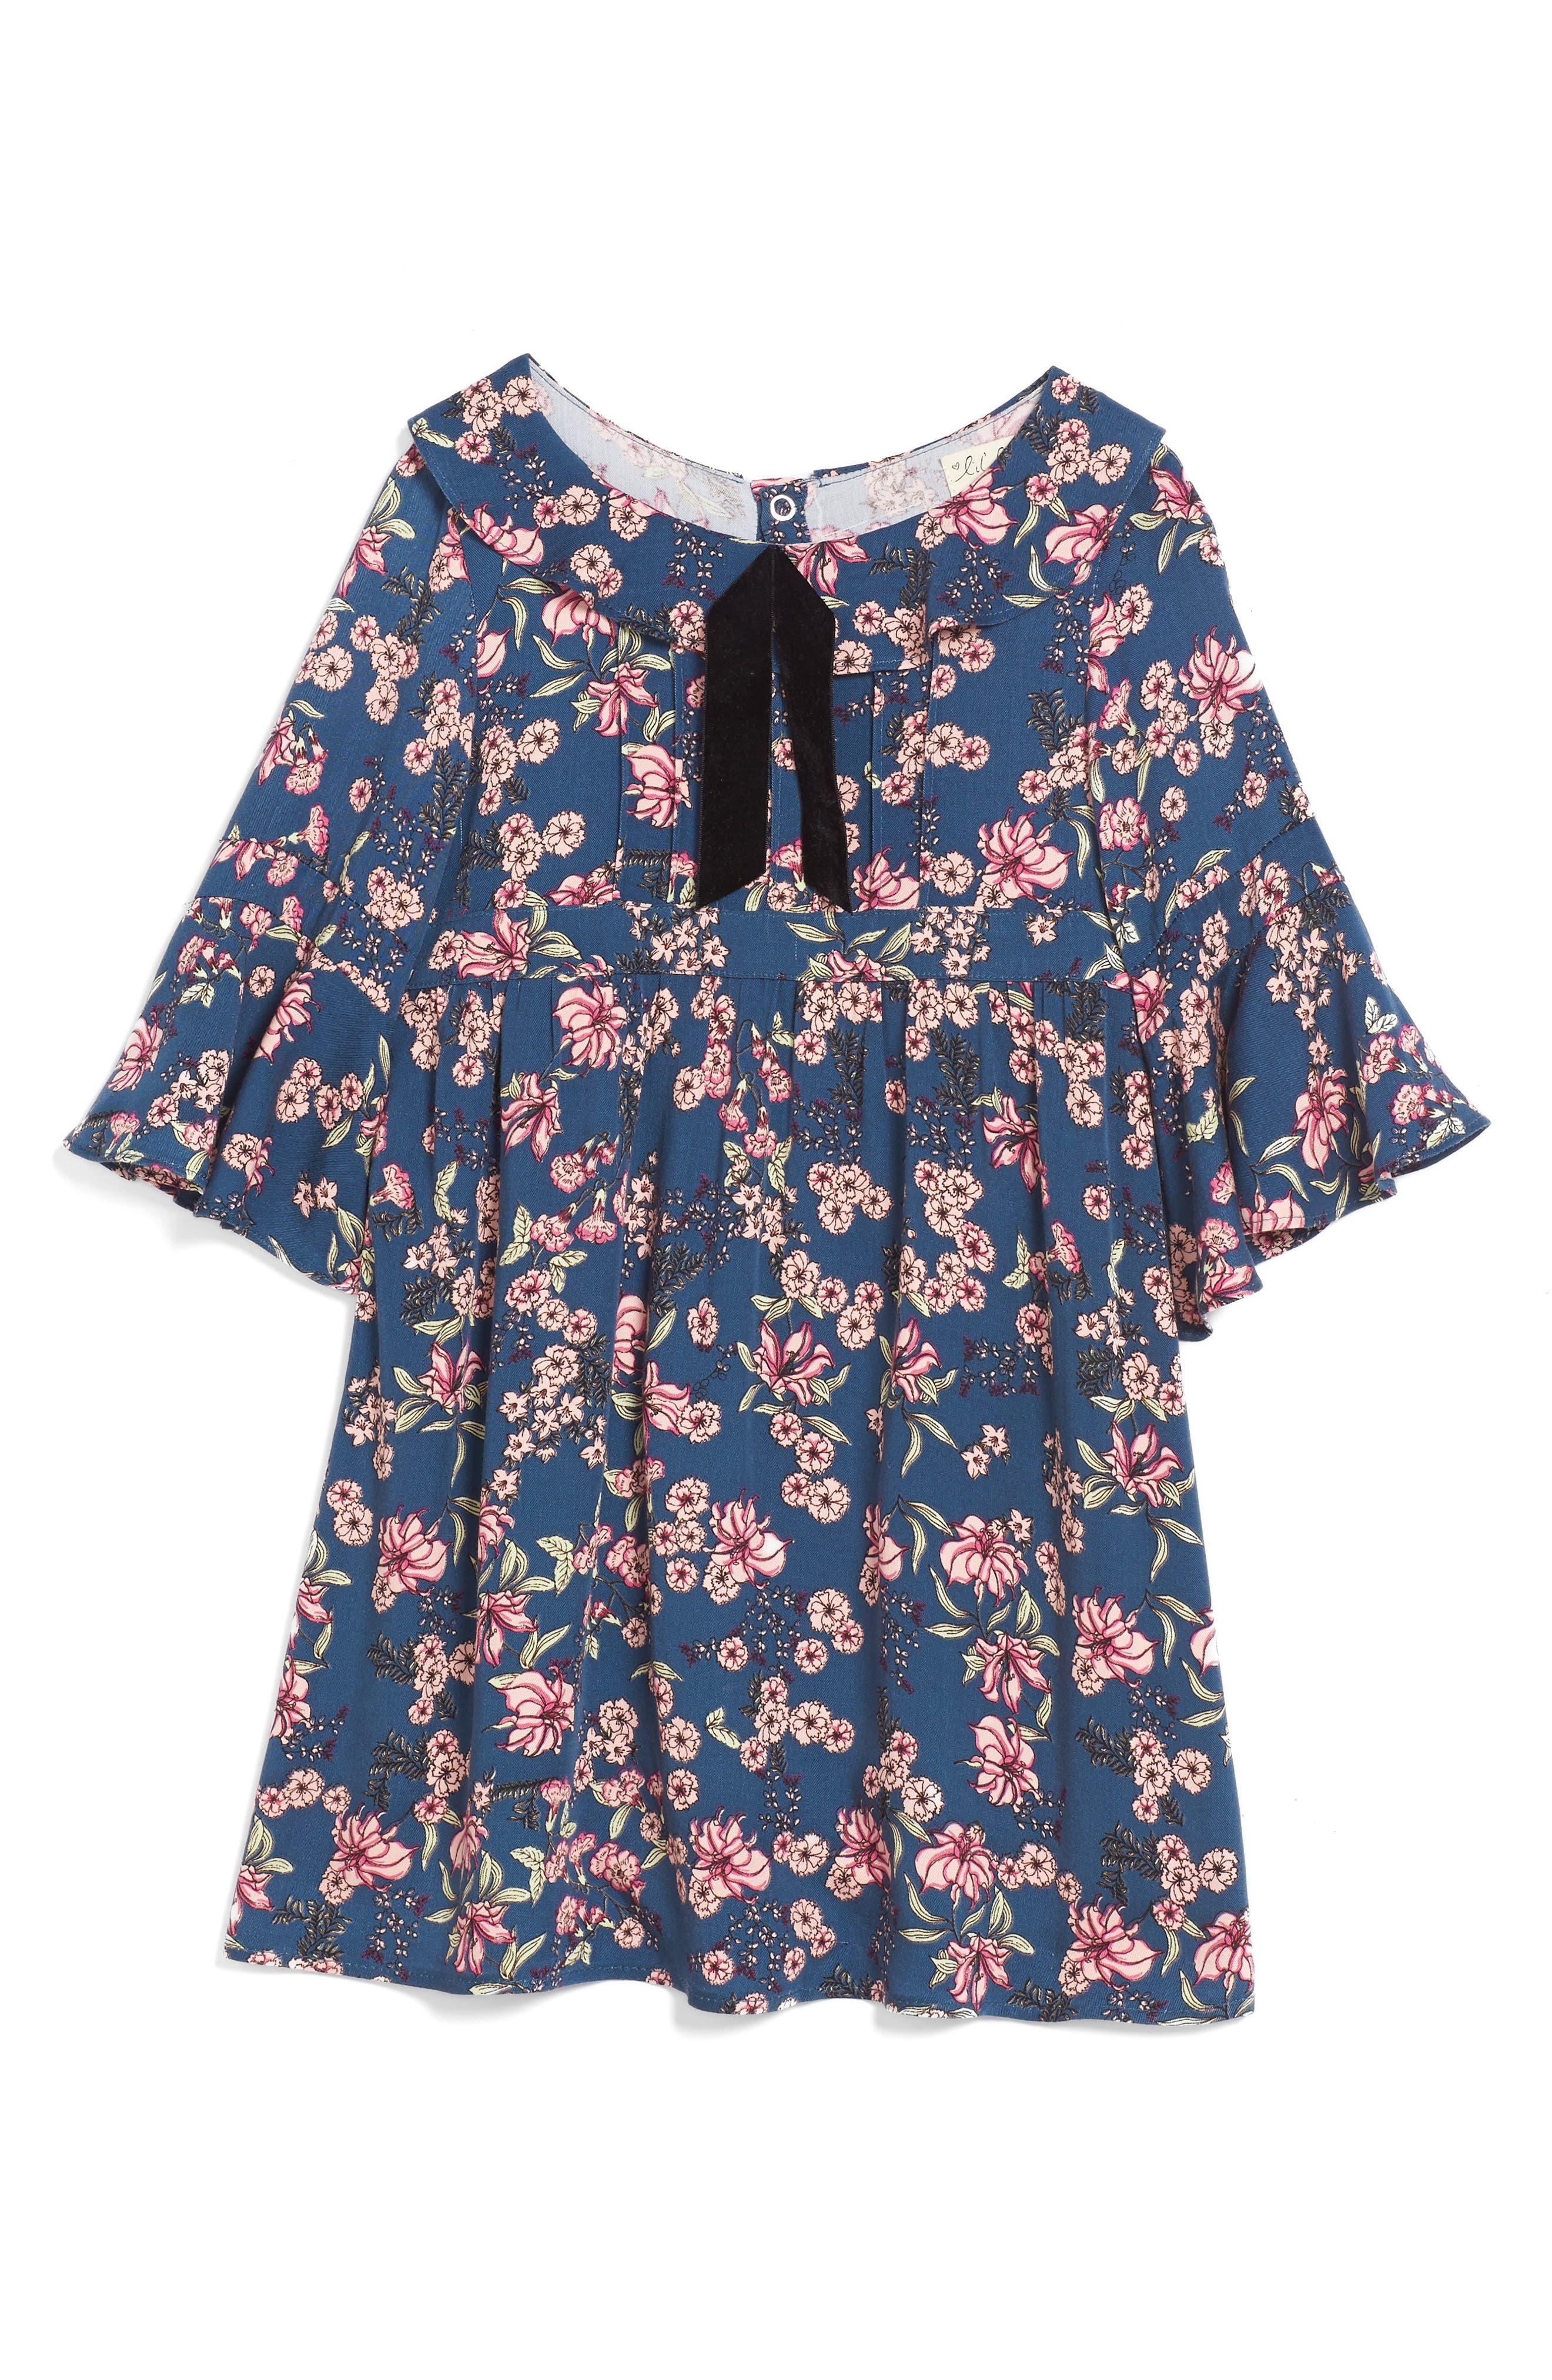 Main Image - For Love & Lemons Juniper Floral Bell Sleeve Dress (Toddler Girls & Little Girls)